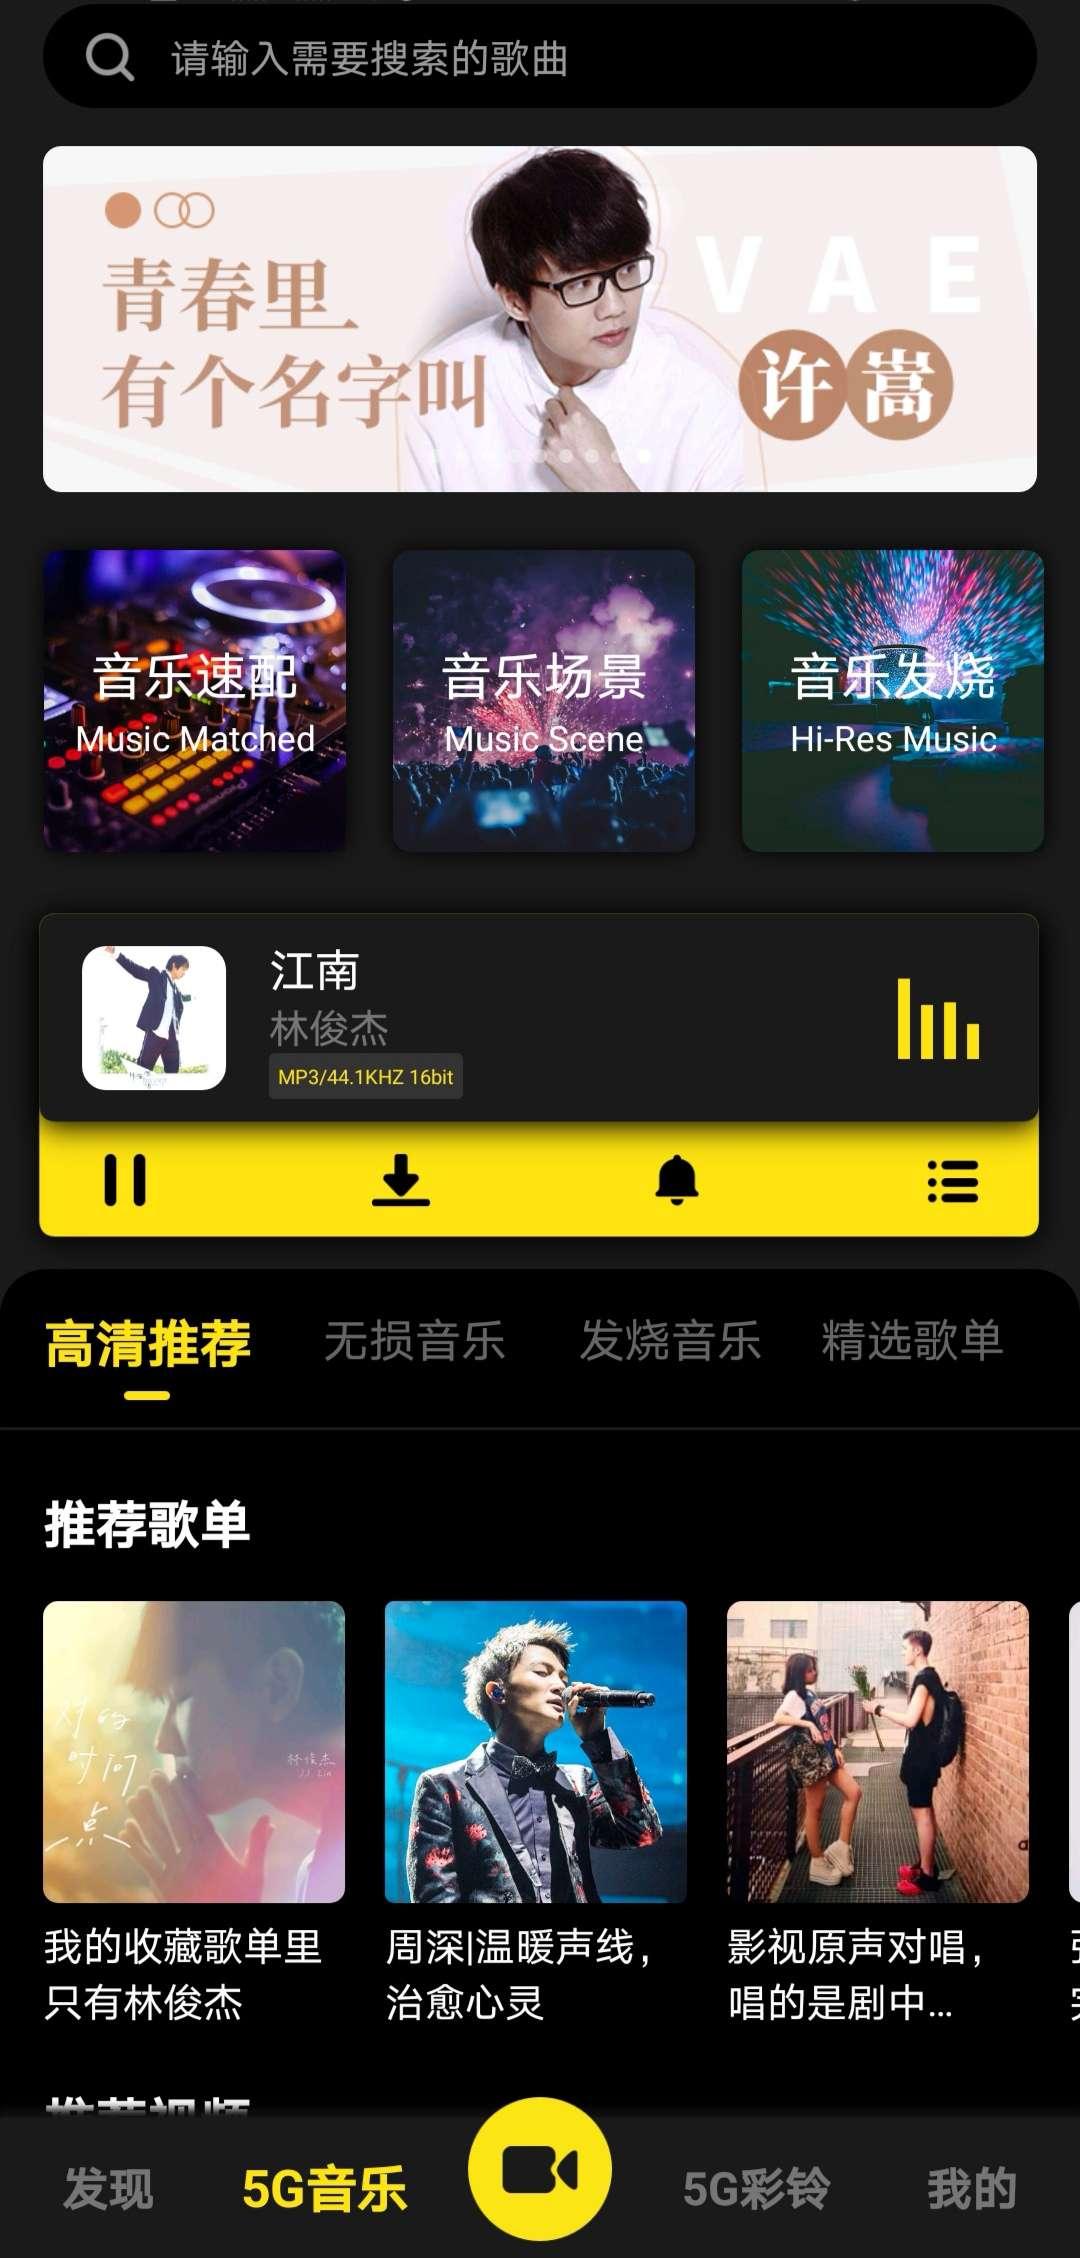 【分享】:沃音乐8.1.0 给你优质的音乐享受